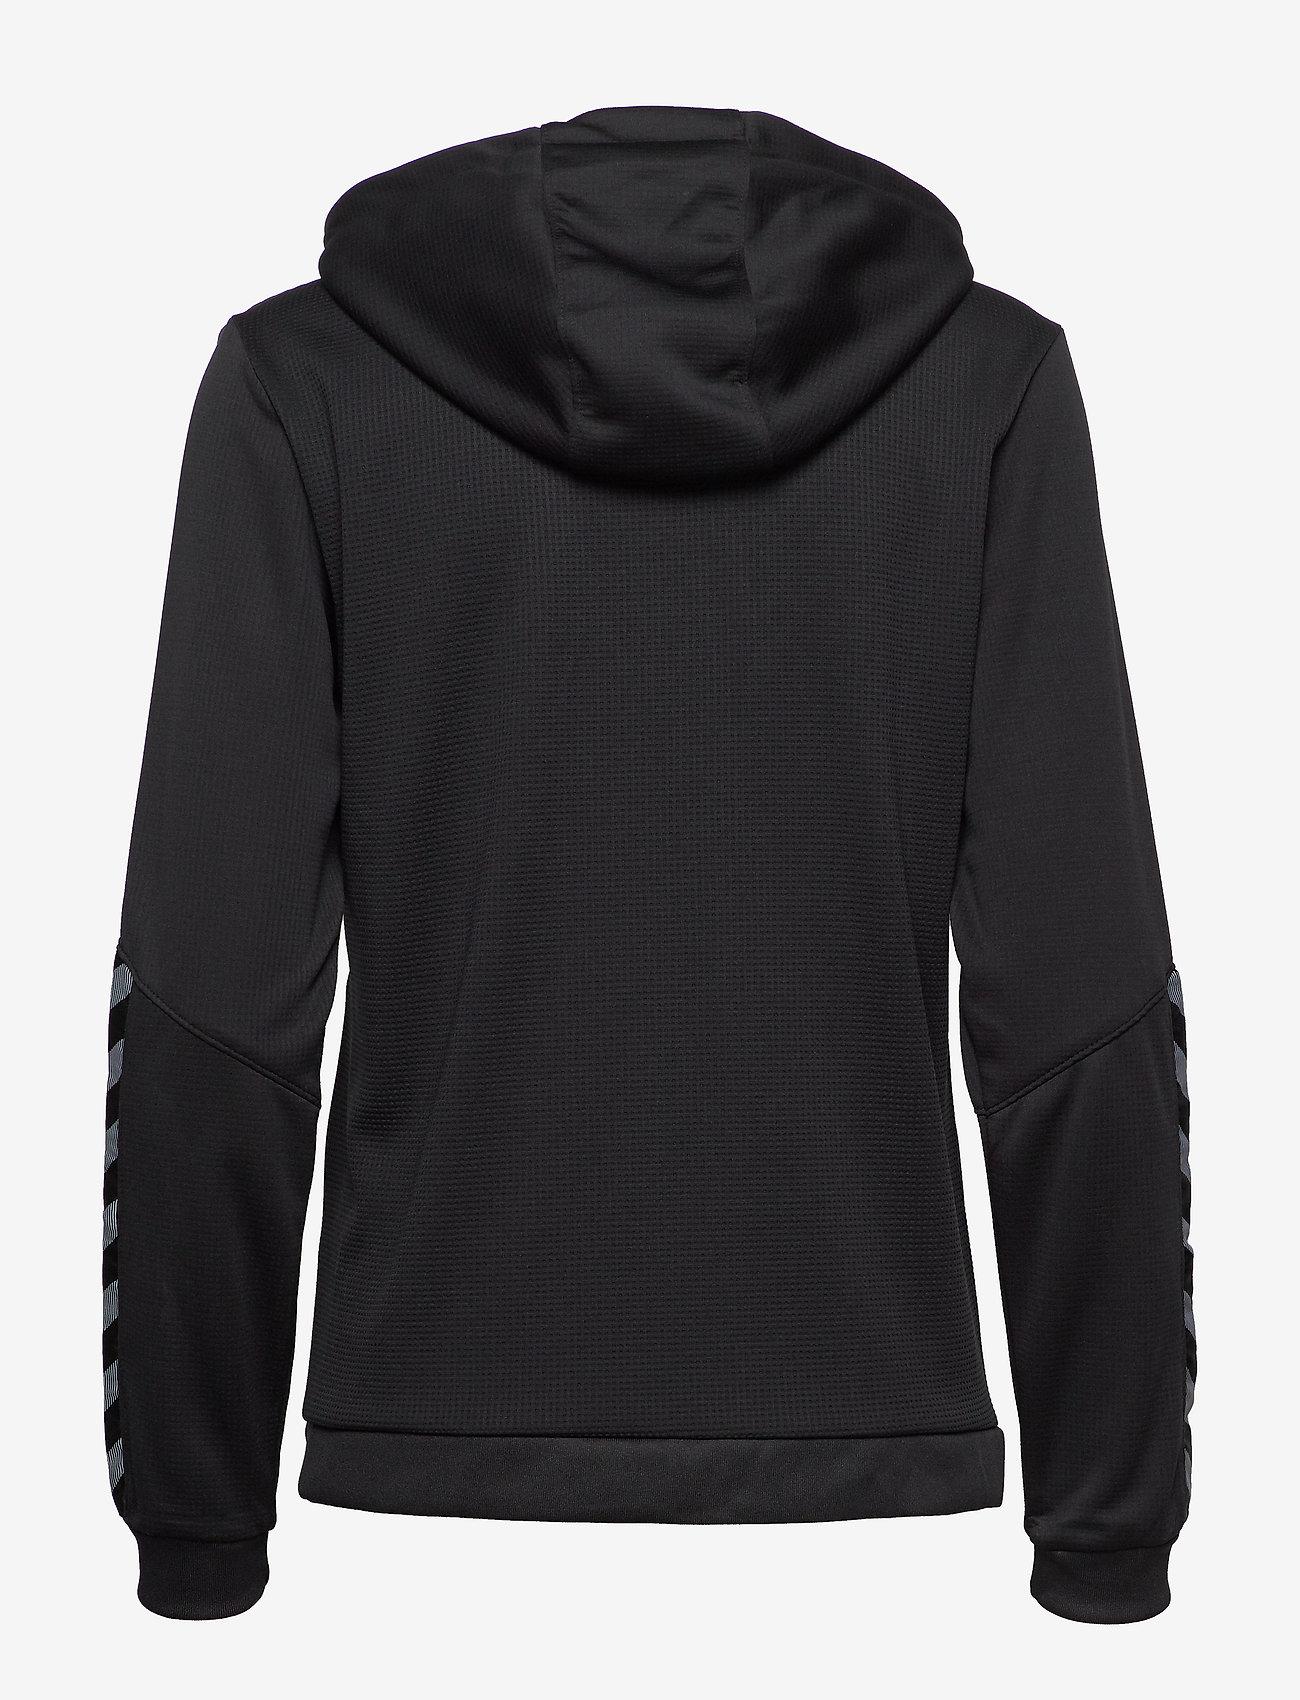 Hummel - hmlAUTHENTIC POLY ZIP HOODIE WOMAN - hoodies - black/white - 1